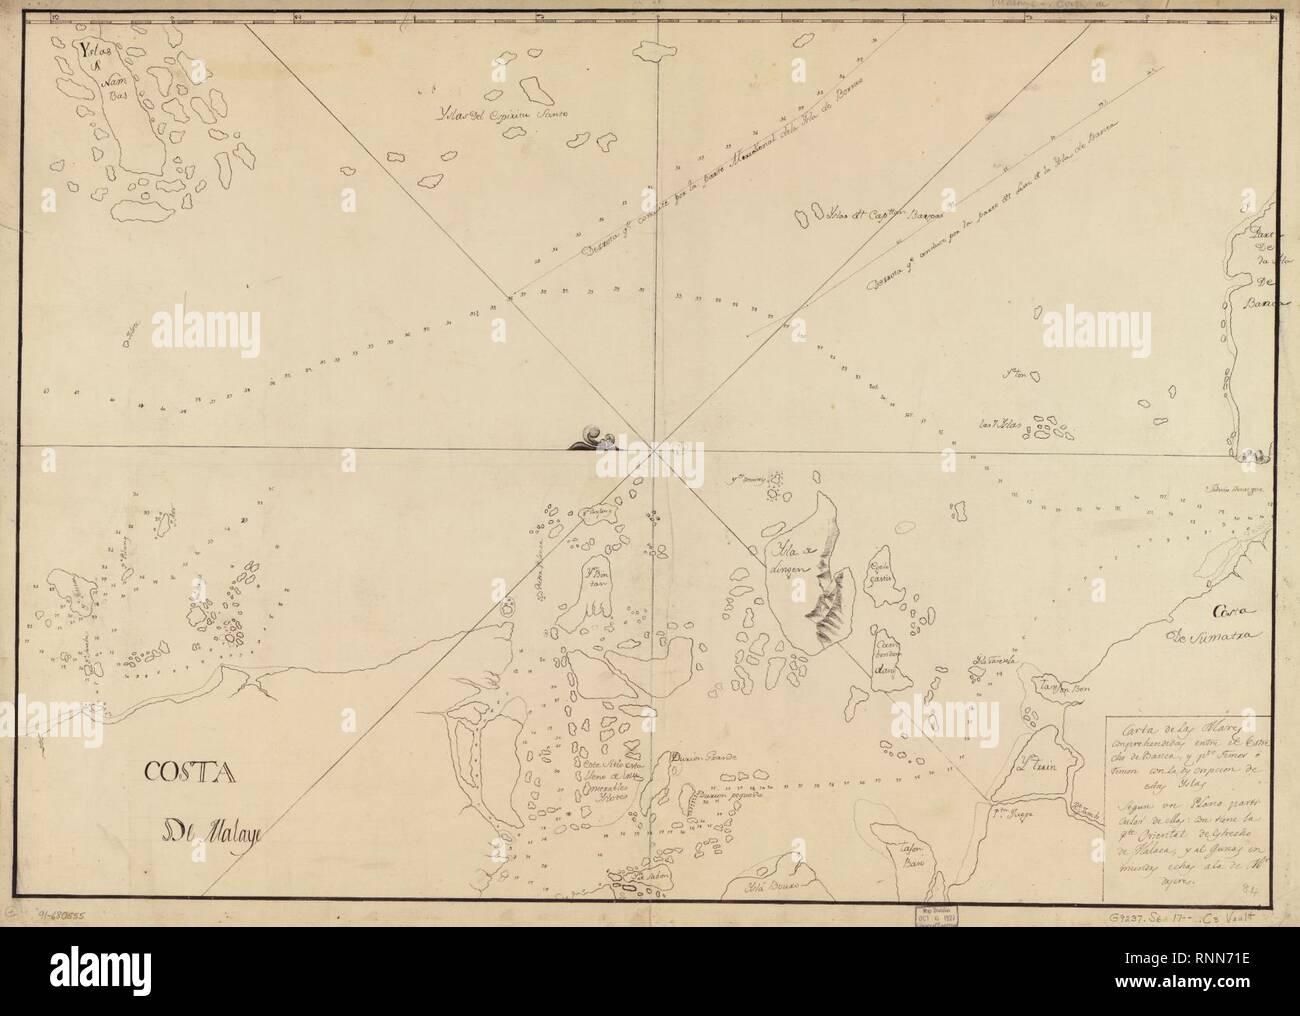 Carta de las mares conprehendidas entre el Estrecho de Banca y la prise de force. Timor oriental o Timon con la descripción de estas yslas segun un plano de particulier mas contiene la pte. oriental de Estrecho de Malaca y Banque D'Images